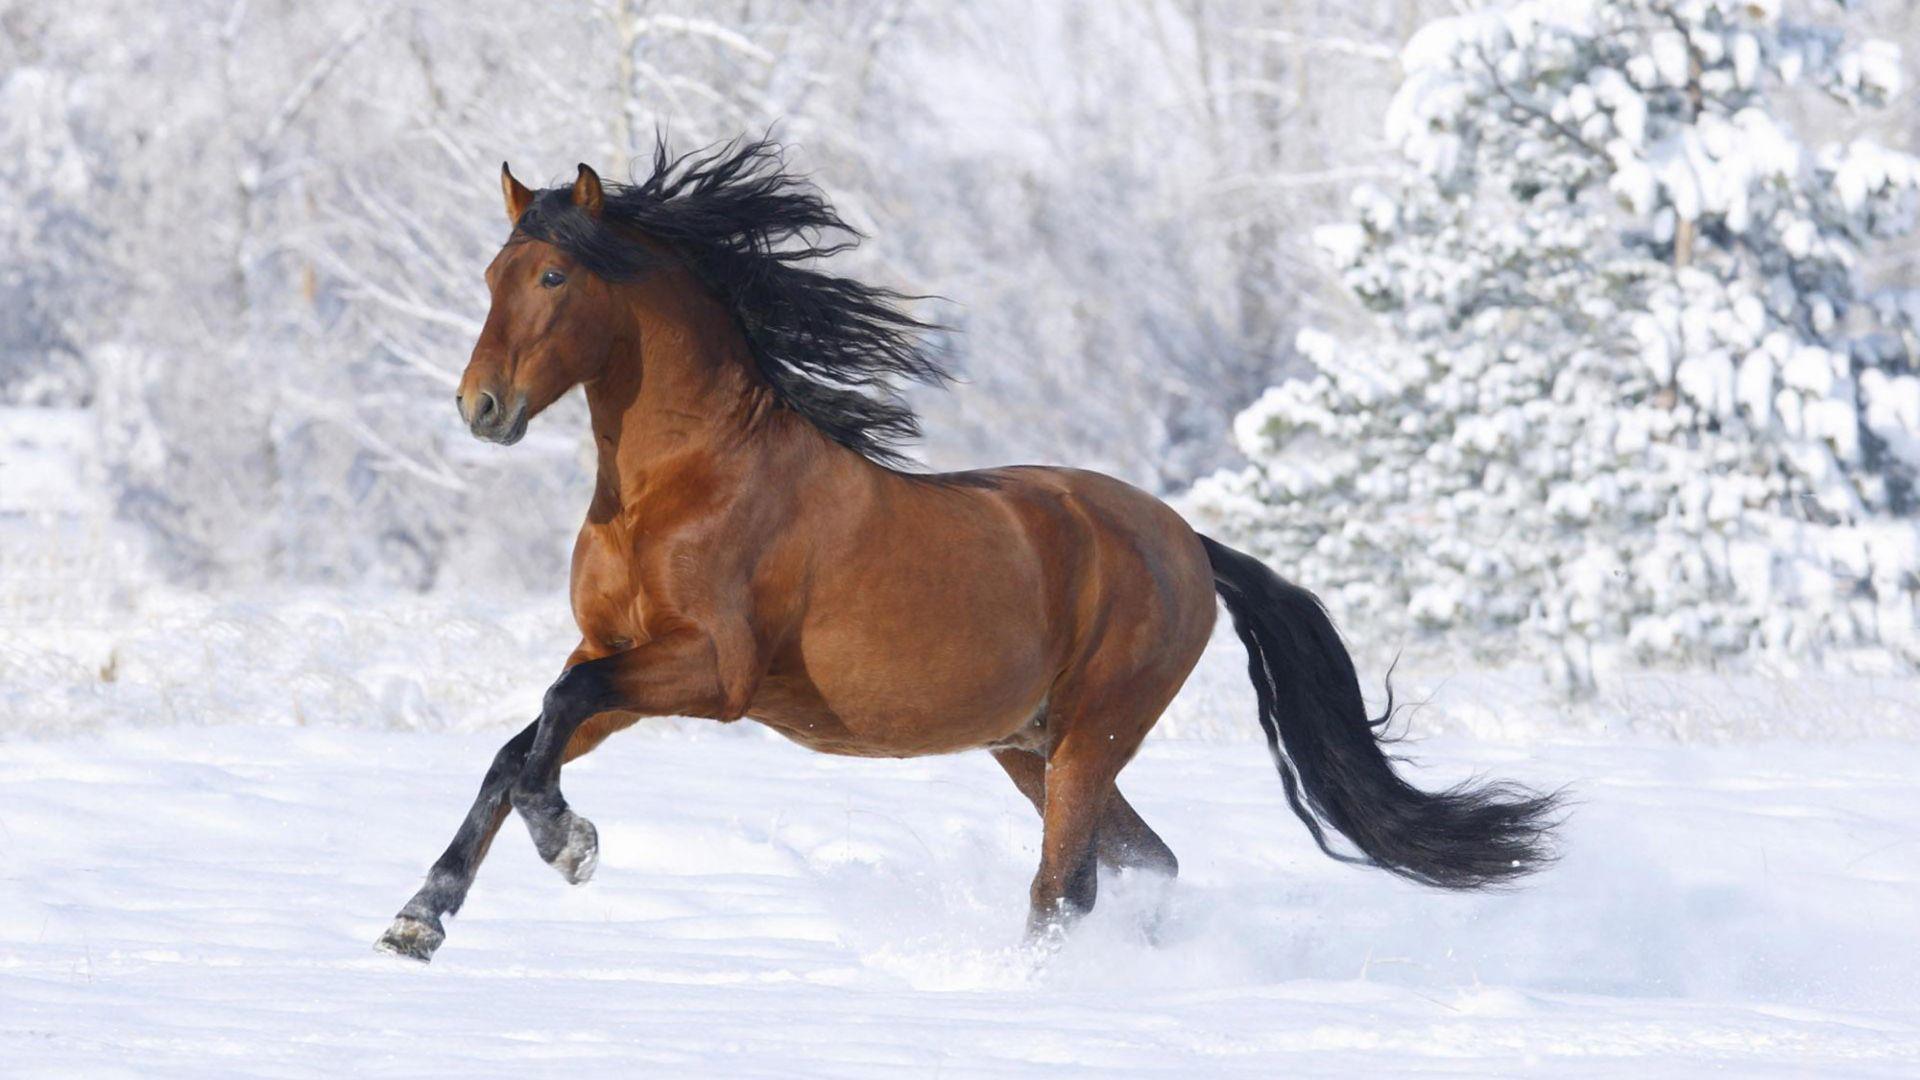 Horse Running in Snow Wallpaper - Wallpaper Stream